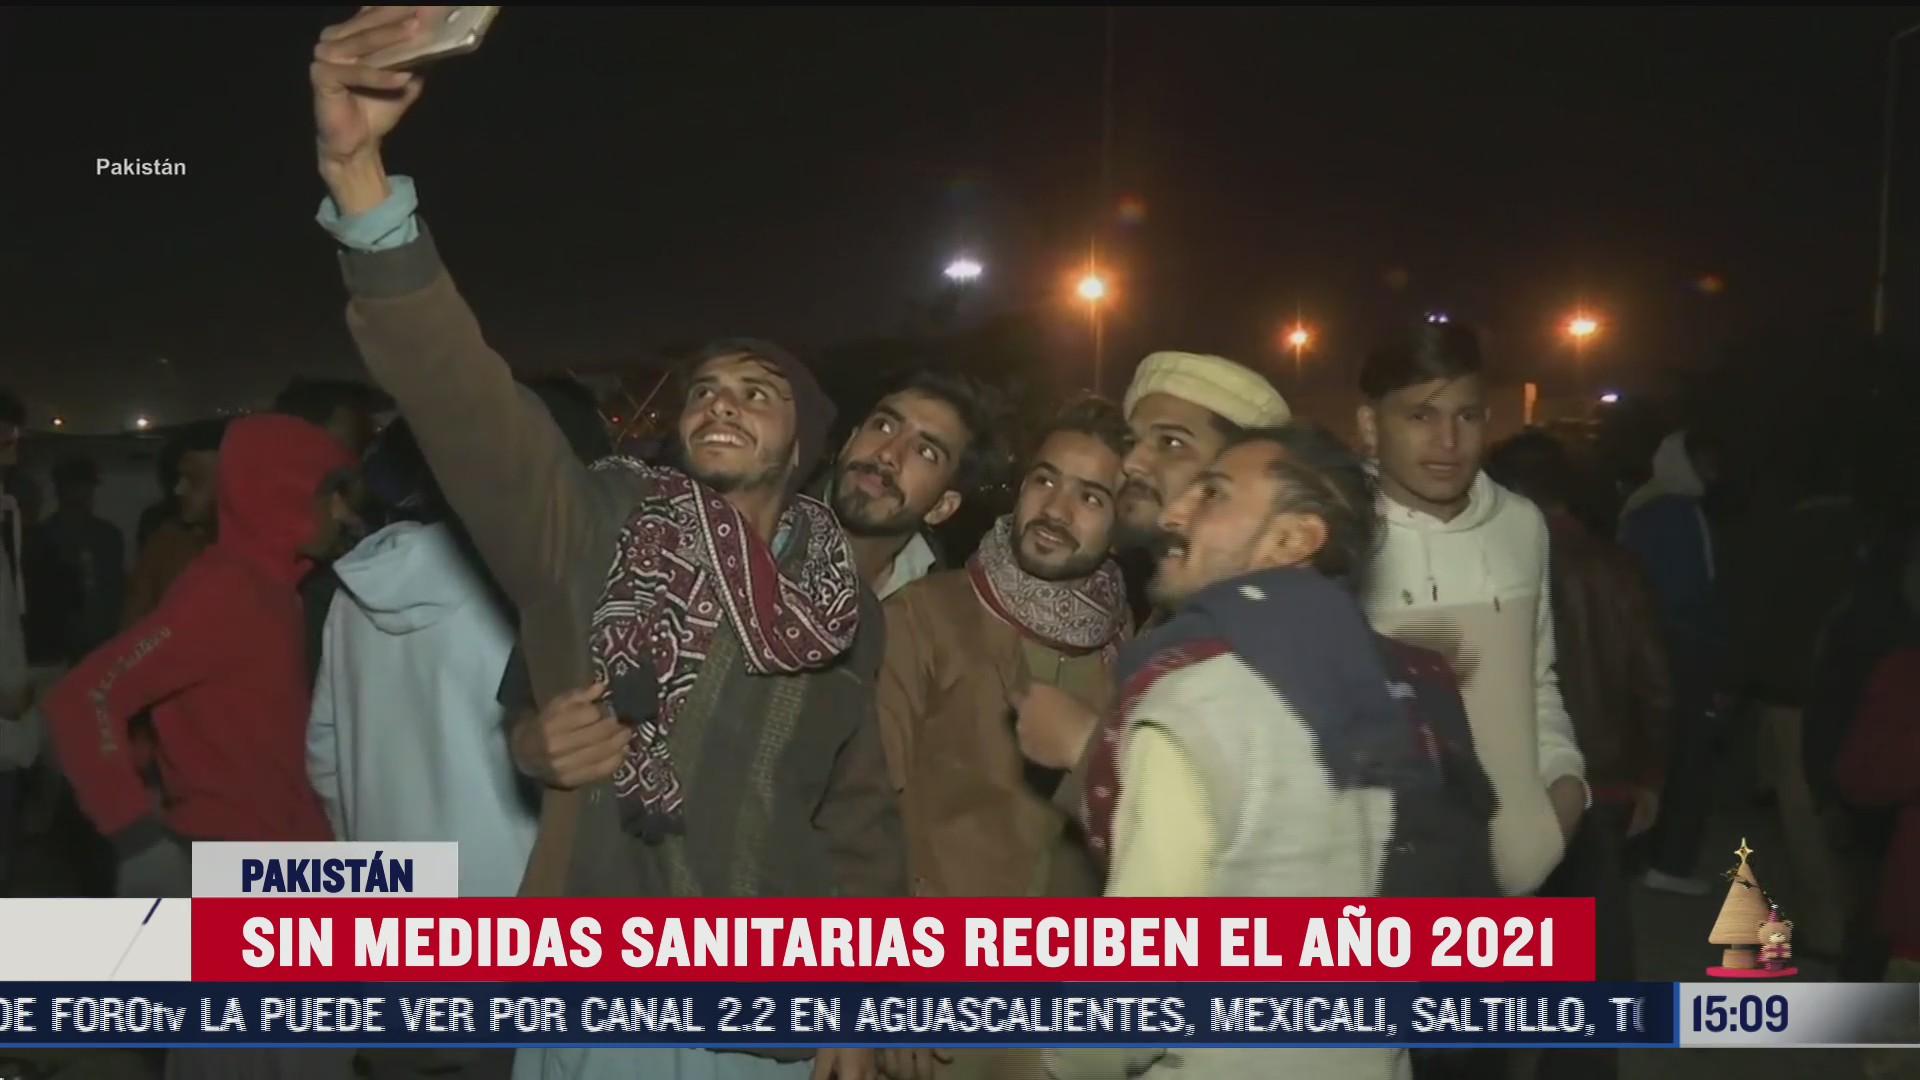 rompen sana distancia en pakistan tras llegada de ano nuevo